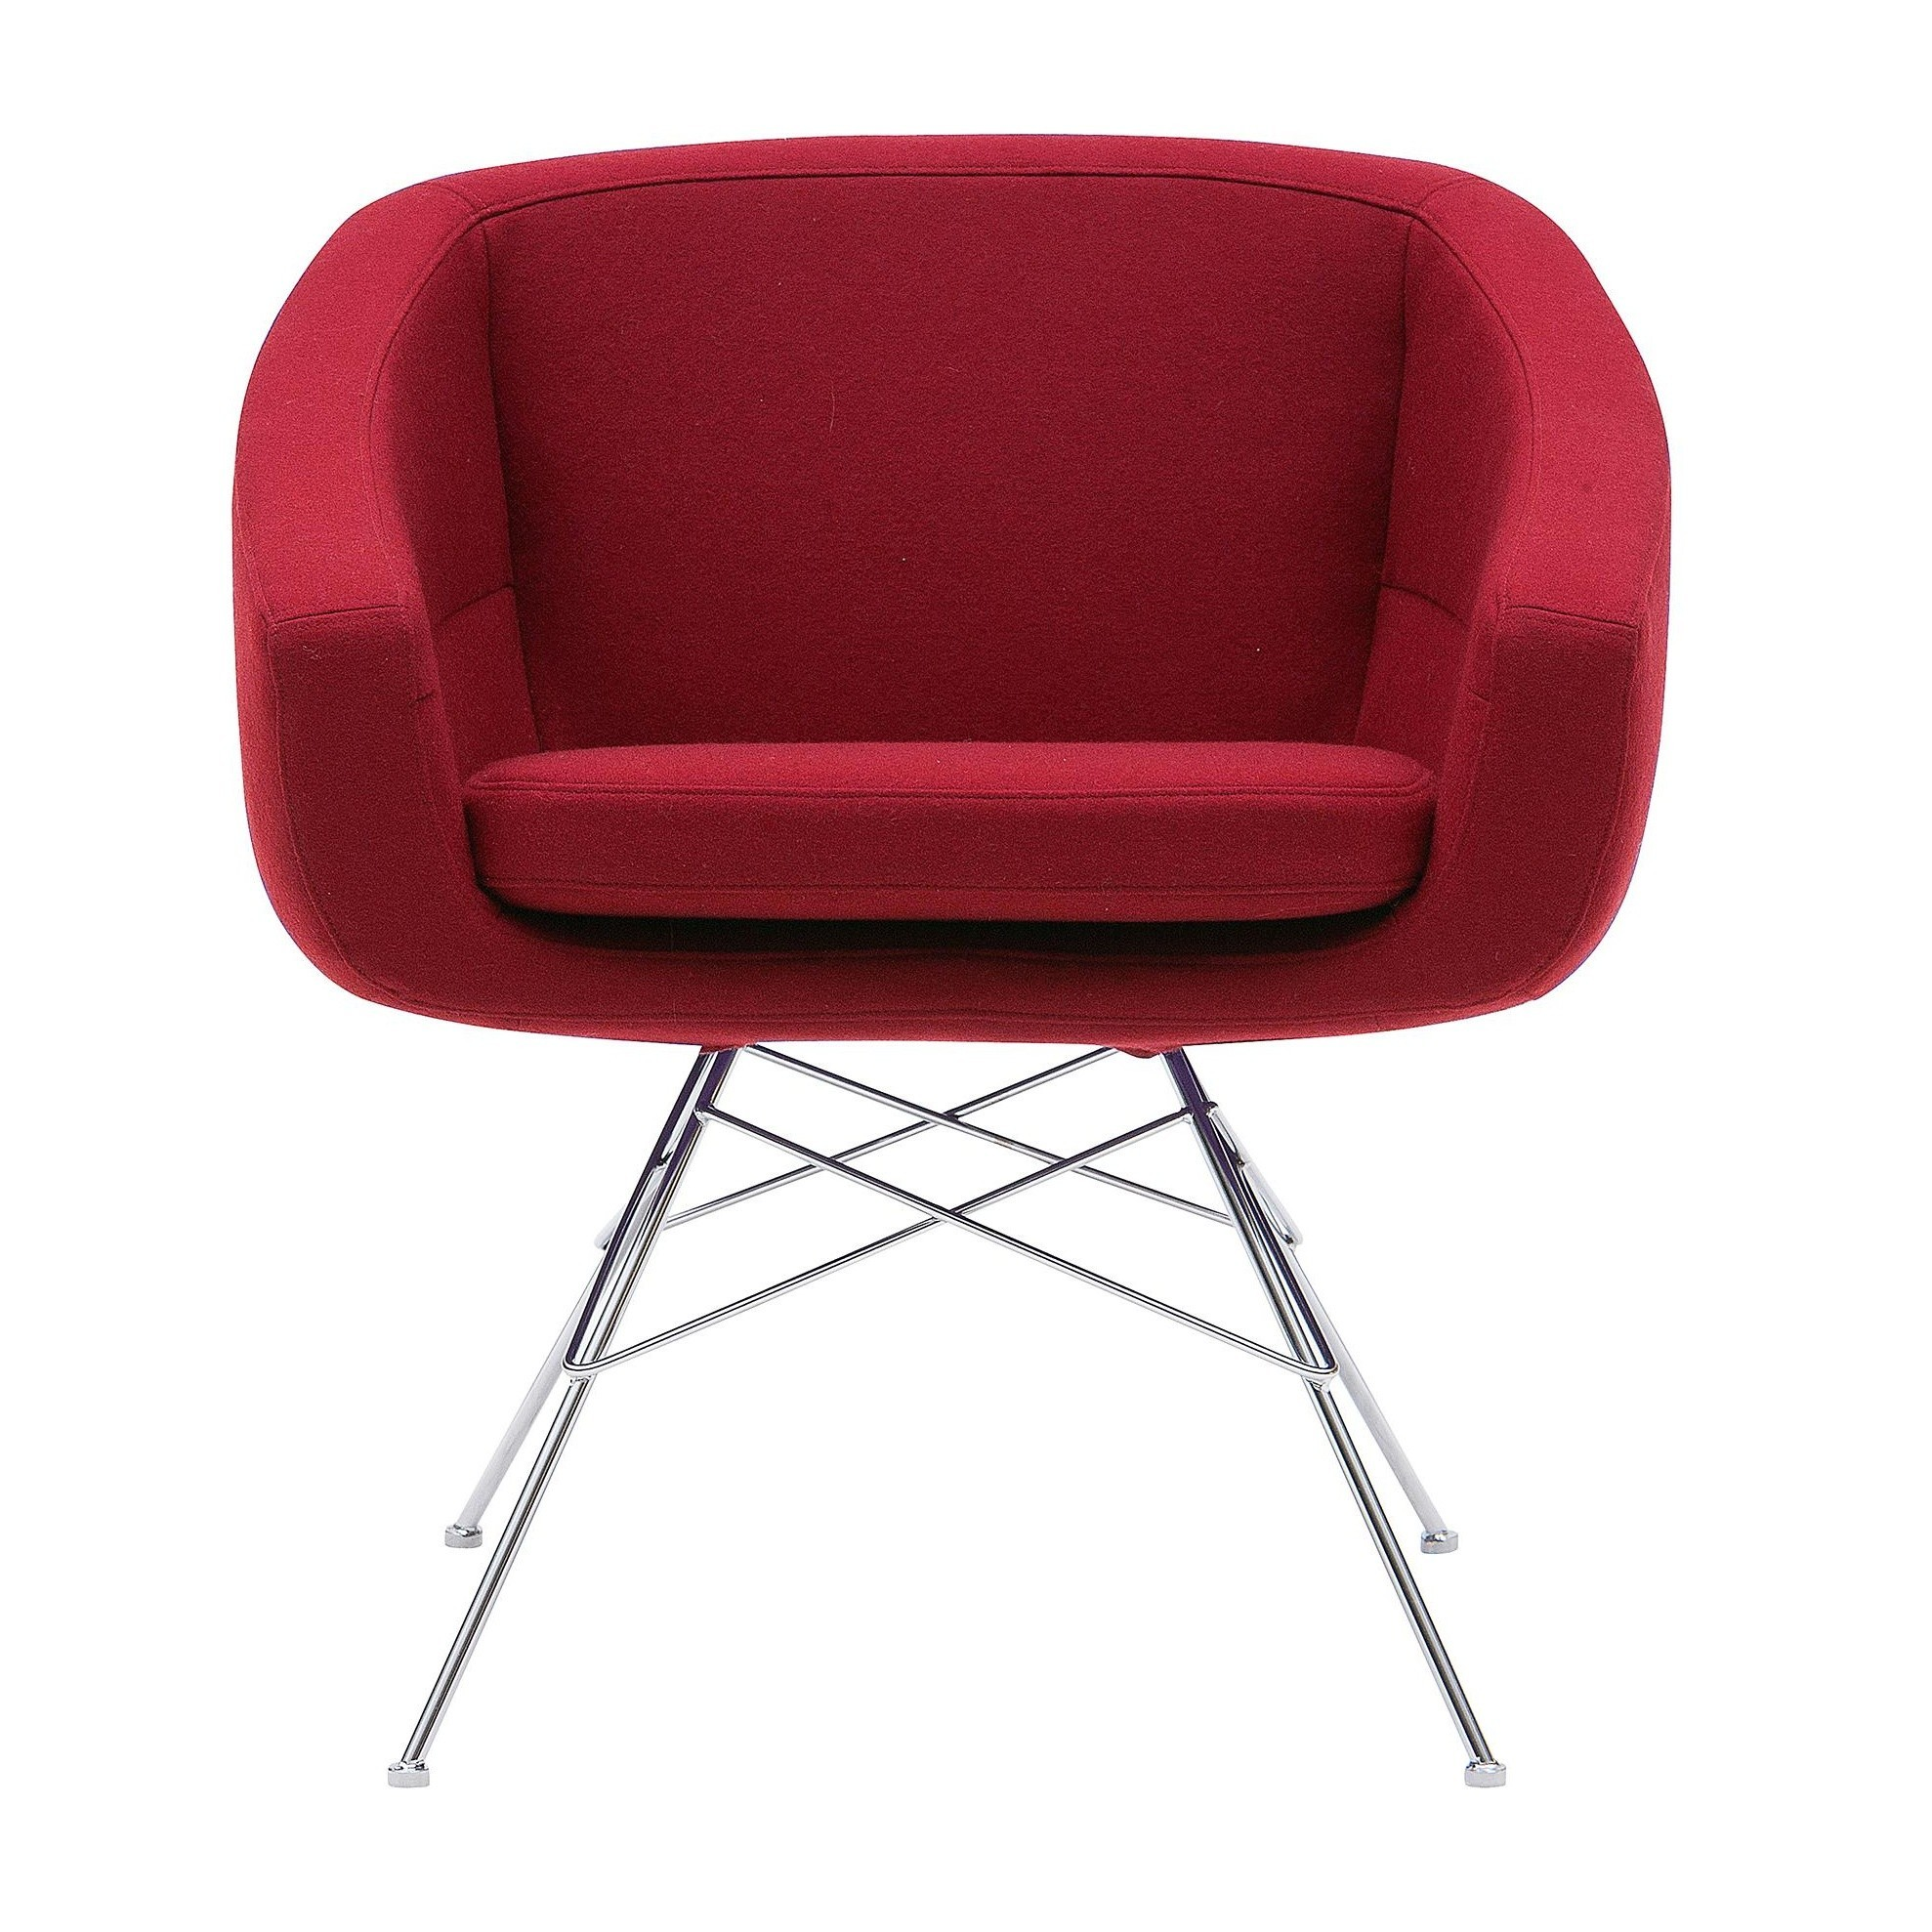 Lounge Sessel Stuhl Sessel Bett | Lounge Sessel Stuhl Sessel Bett Bilder Deckchairs Haizhen Gravity